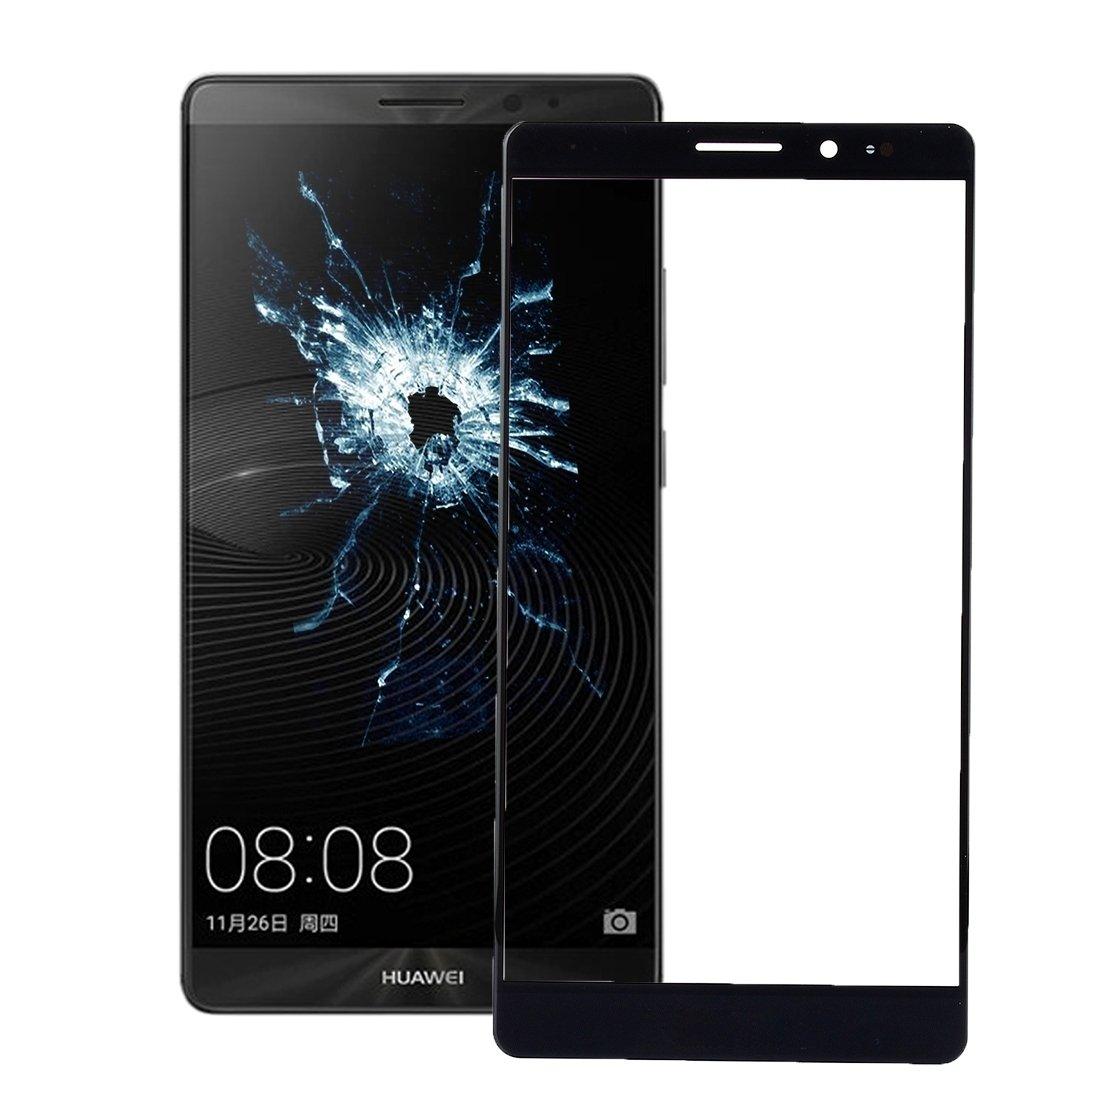 Piezas de repuesto de teléfonos móviles, iPartsBuy Huawei mate 8 ...